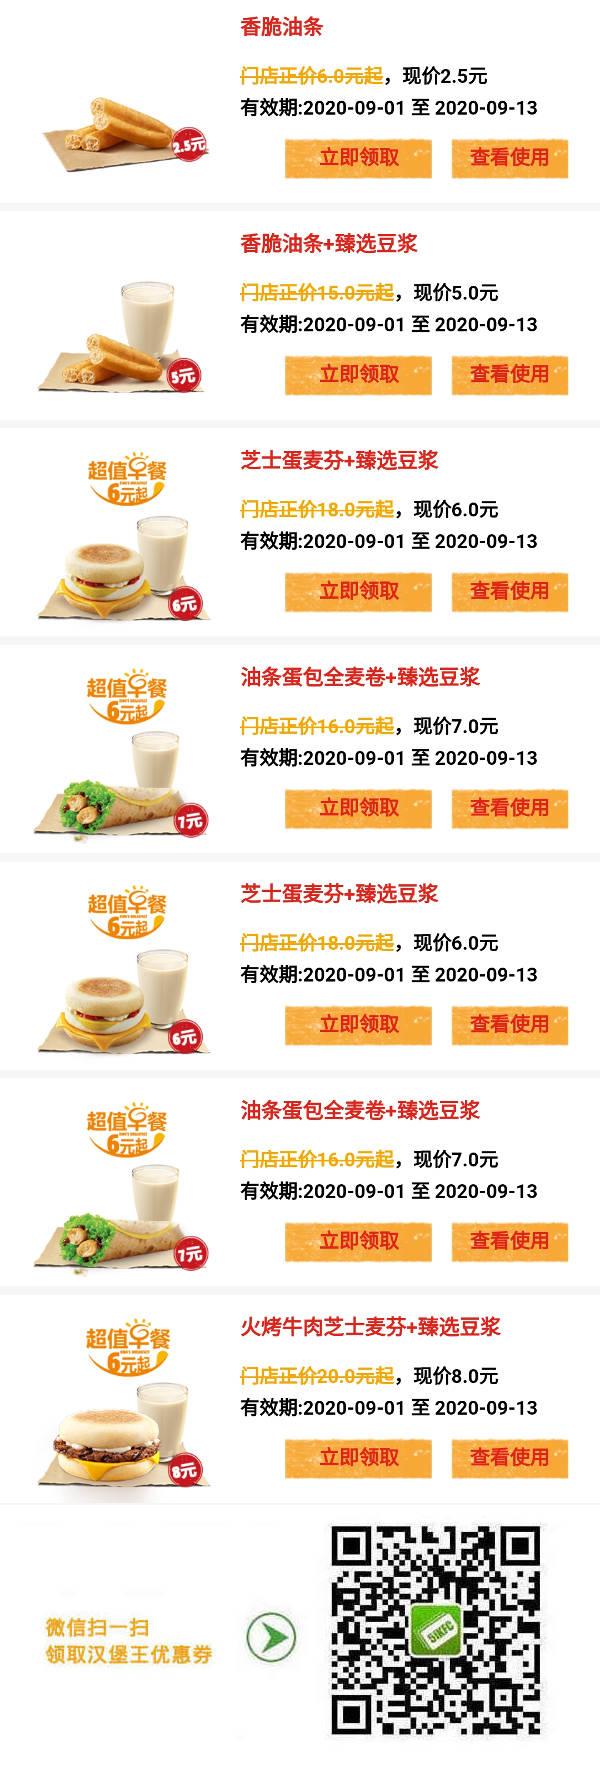 优惠券图片:汉堡王早餐优惠券2020年9月领取,BK早餐优惠价2.5元起 有效期2020年09月1日-2020年09月13日